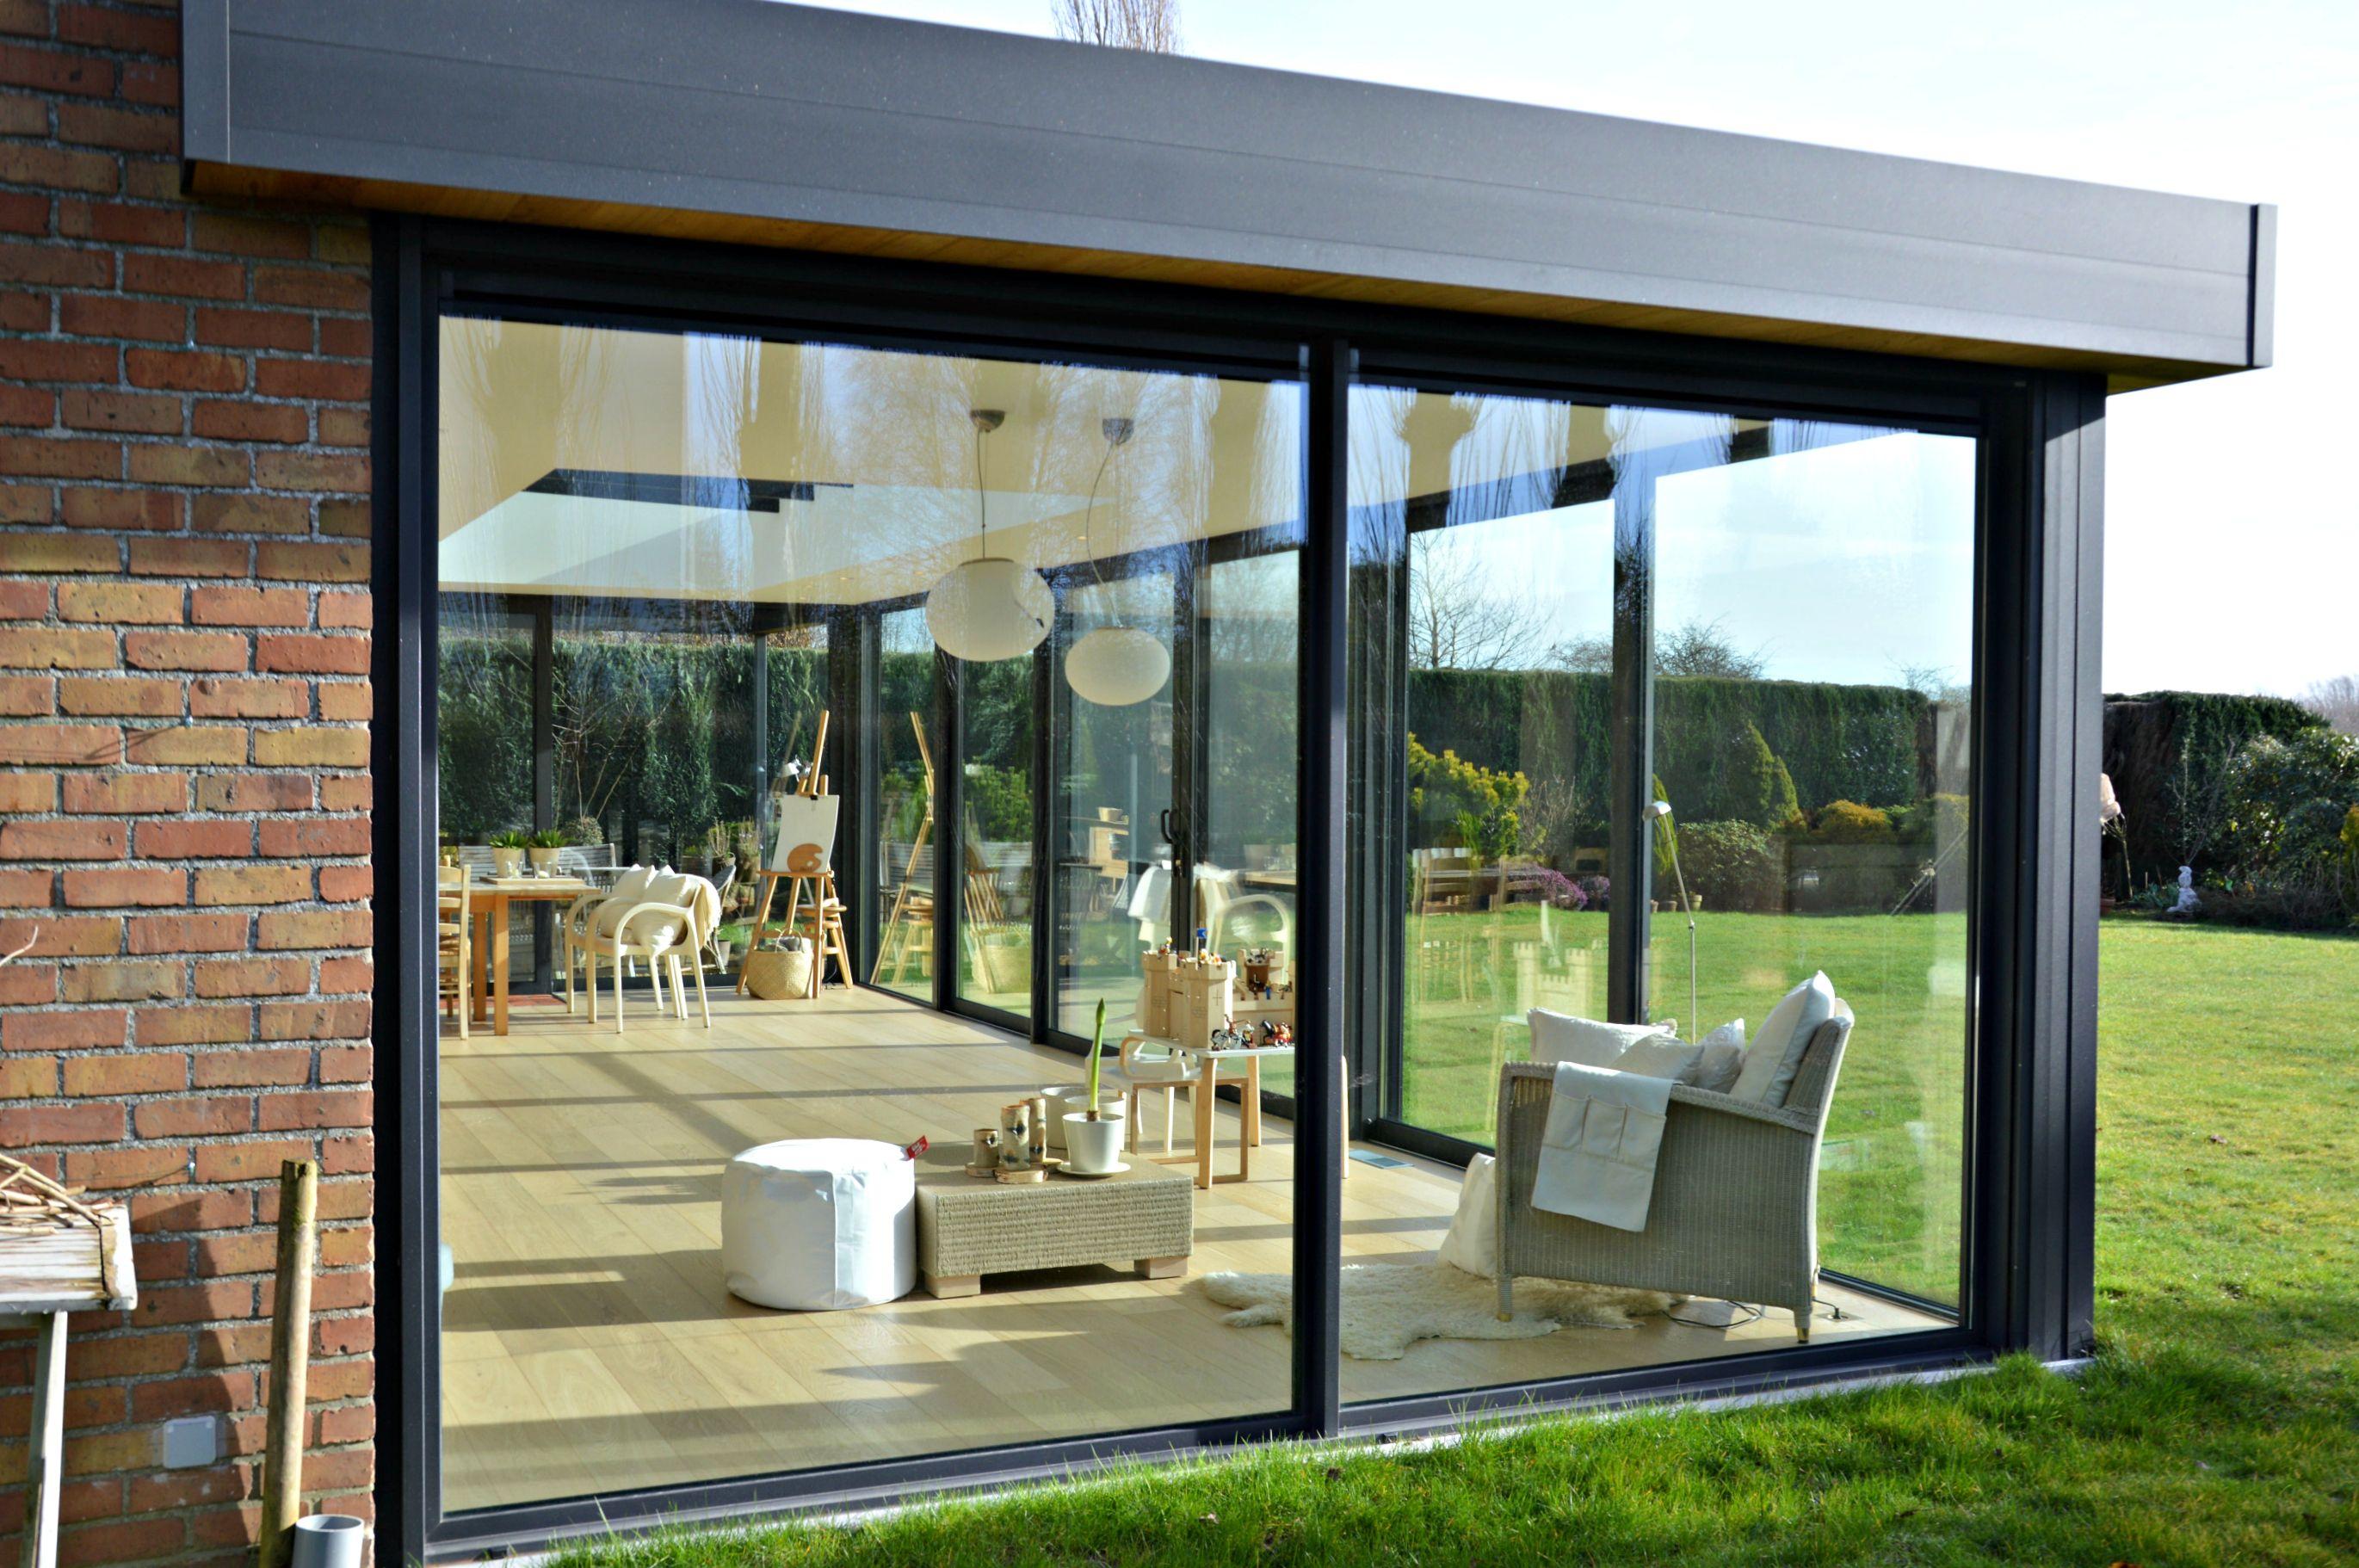 Veranda moderna by verandaland waregem - Veranda in giardino ...